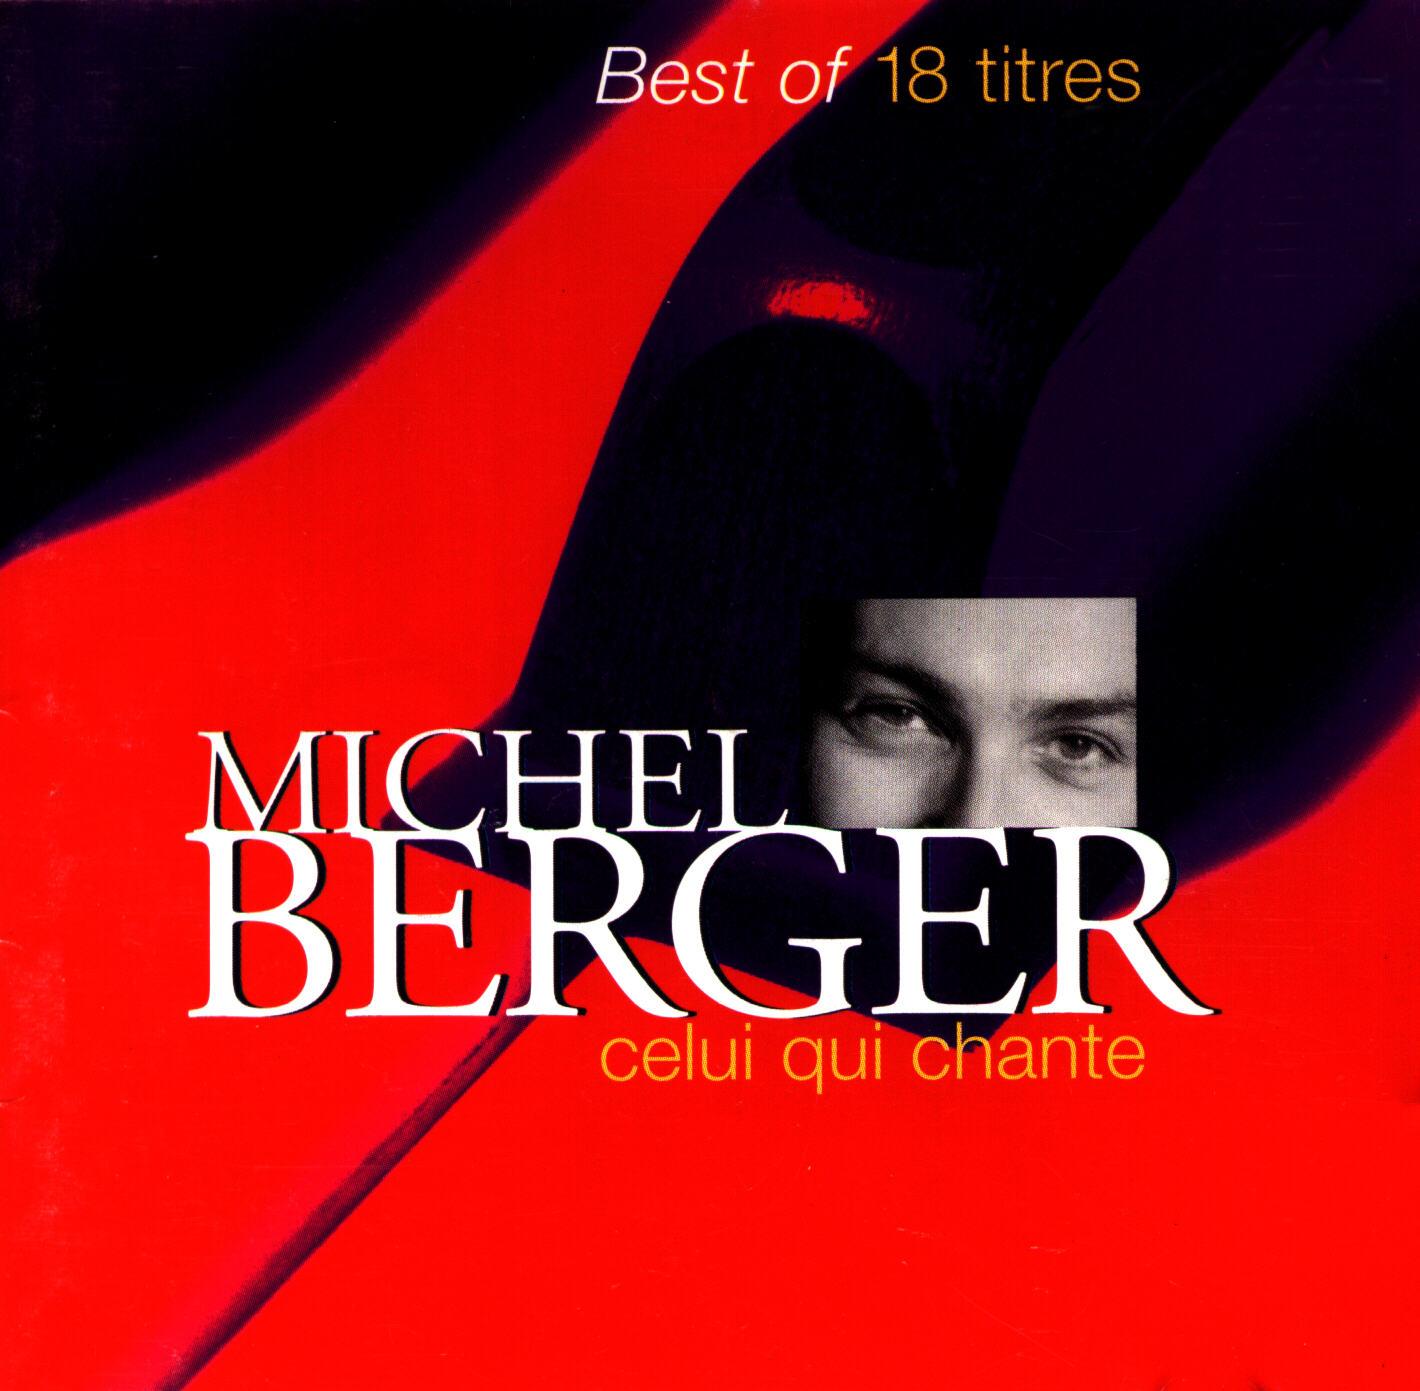 Michel berger1 jpg 206113 octets